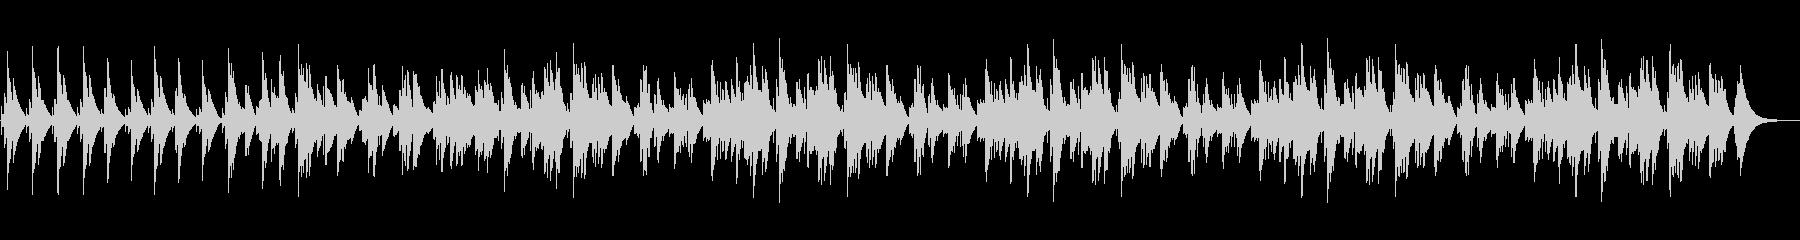 眠くなるオルゴールのBGM(約5分)の未再生の波形